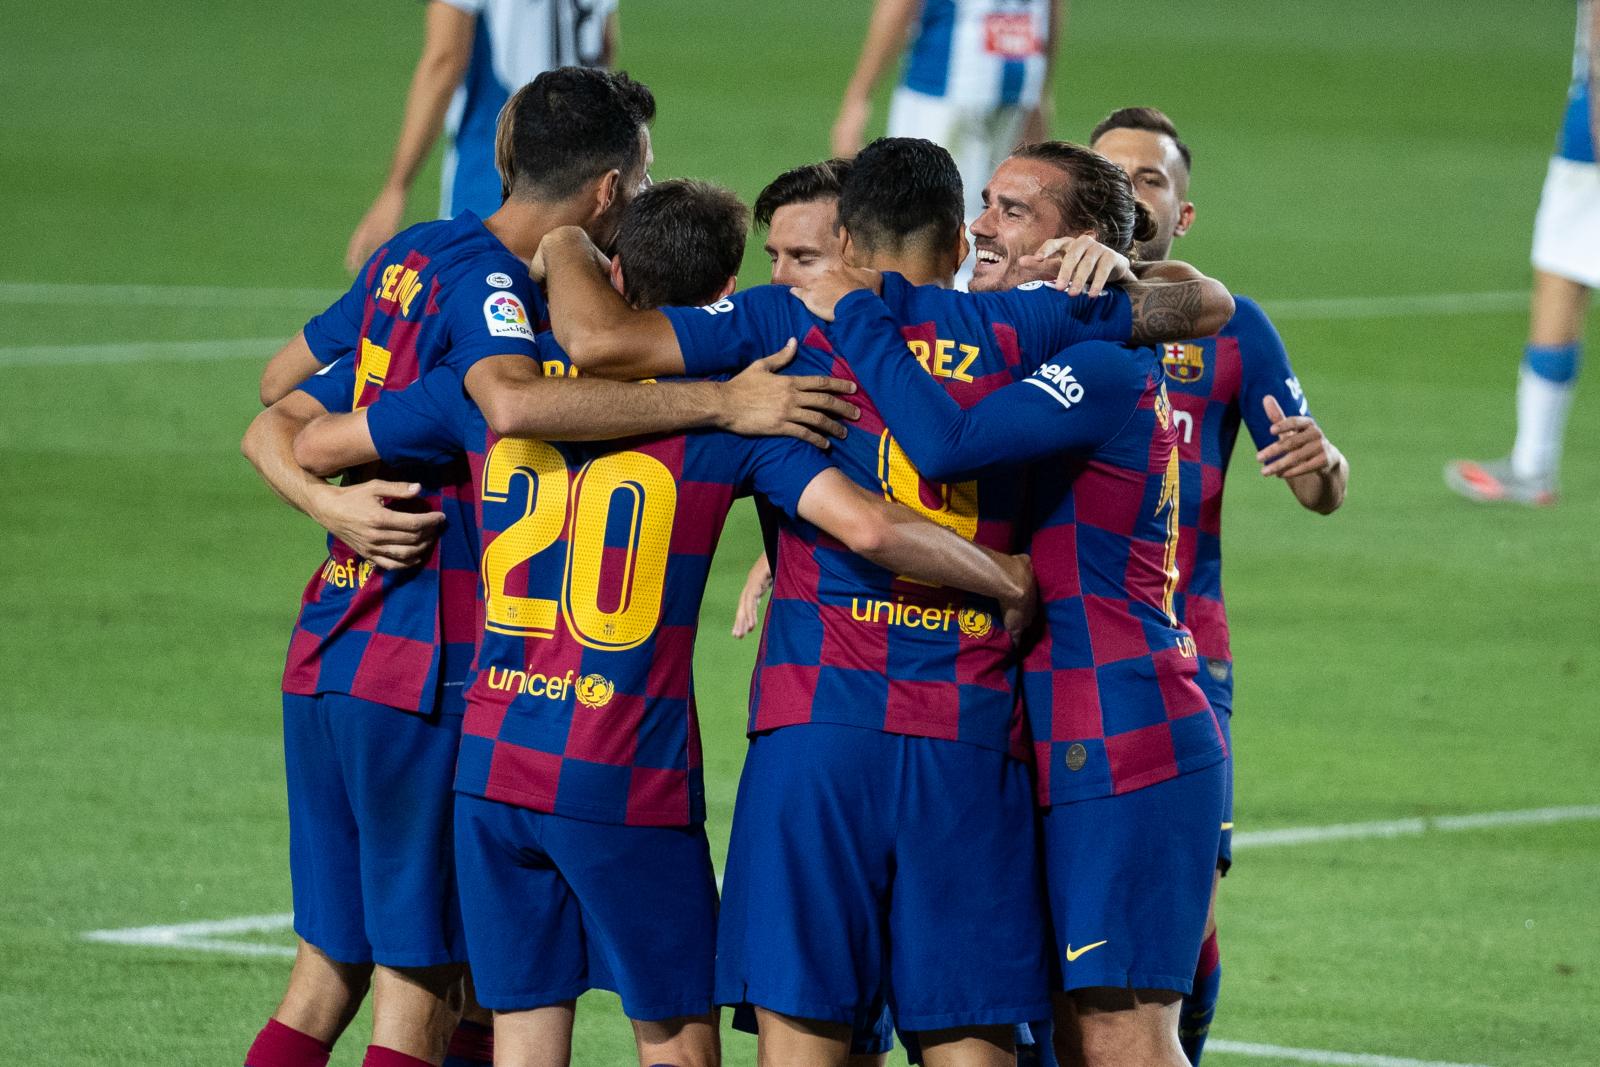 Вальядолид — Барселона 11.07.2020